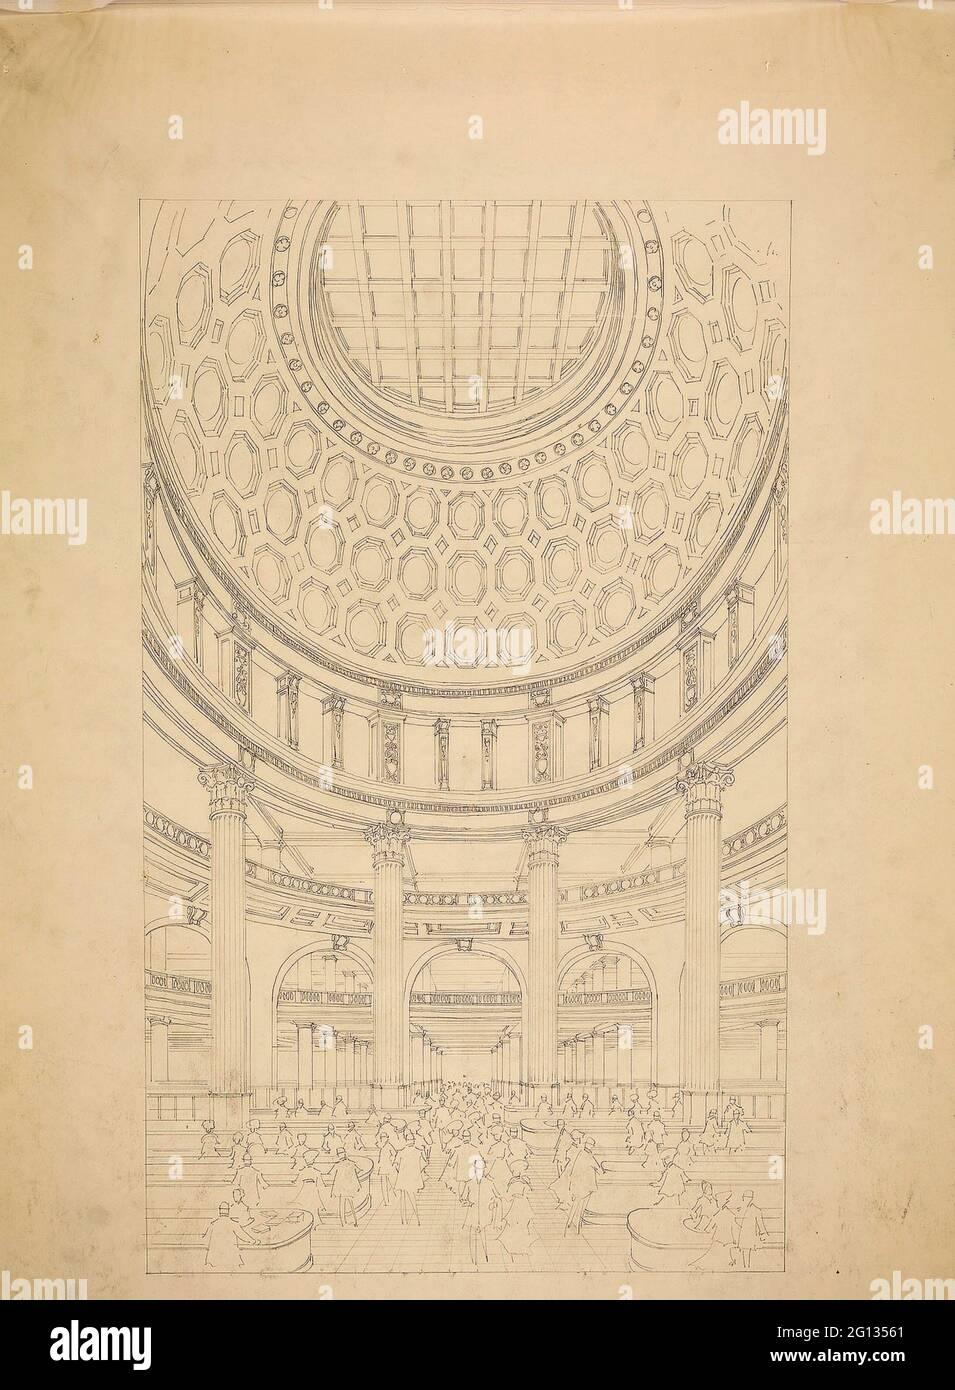 Auteur: D.H. Burnham & Co. T. Eaton Department Store, Toronto, Canada, Interior court perspective - 1912 - D. H. Burnham & Co. American, 1891-1912. Banque D'Images